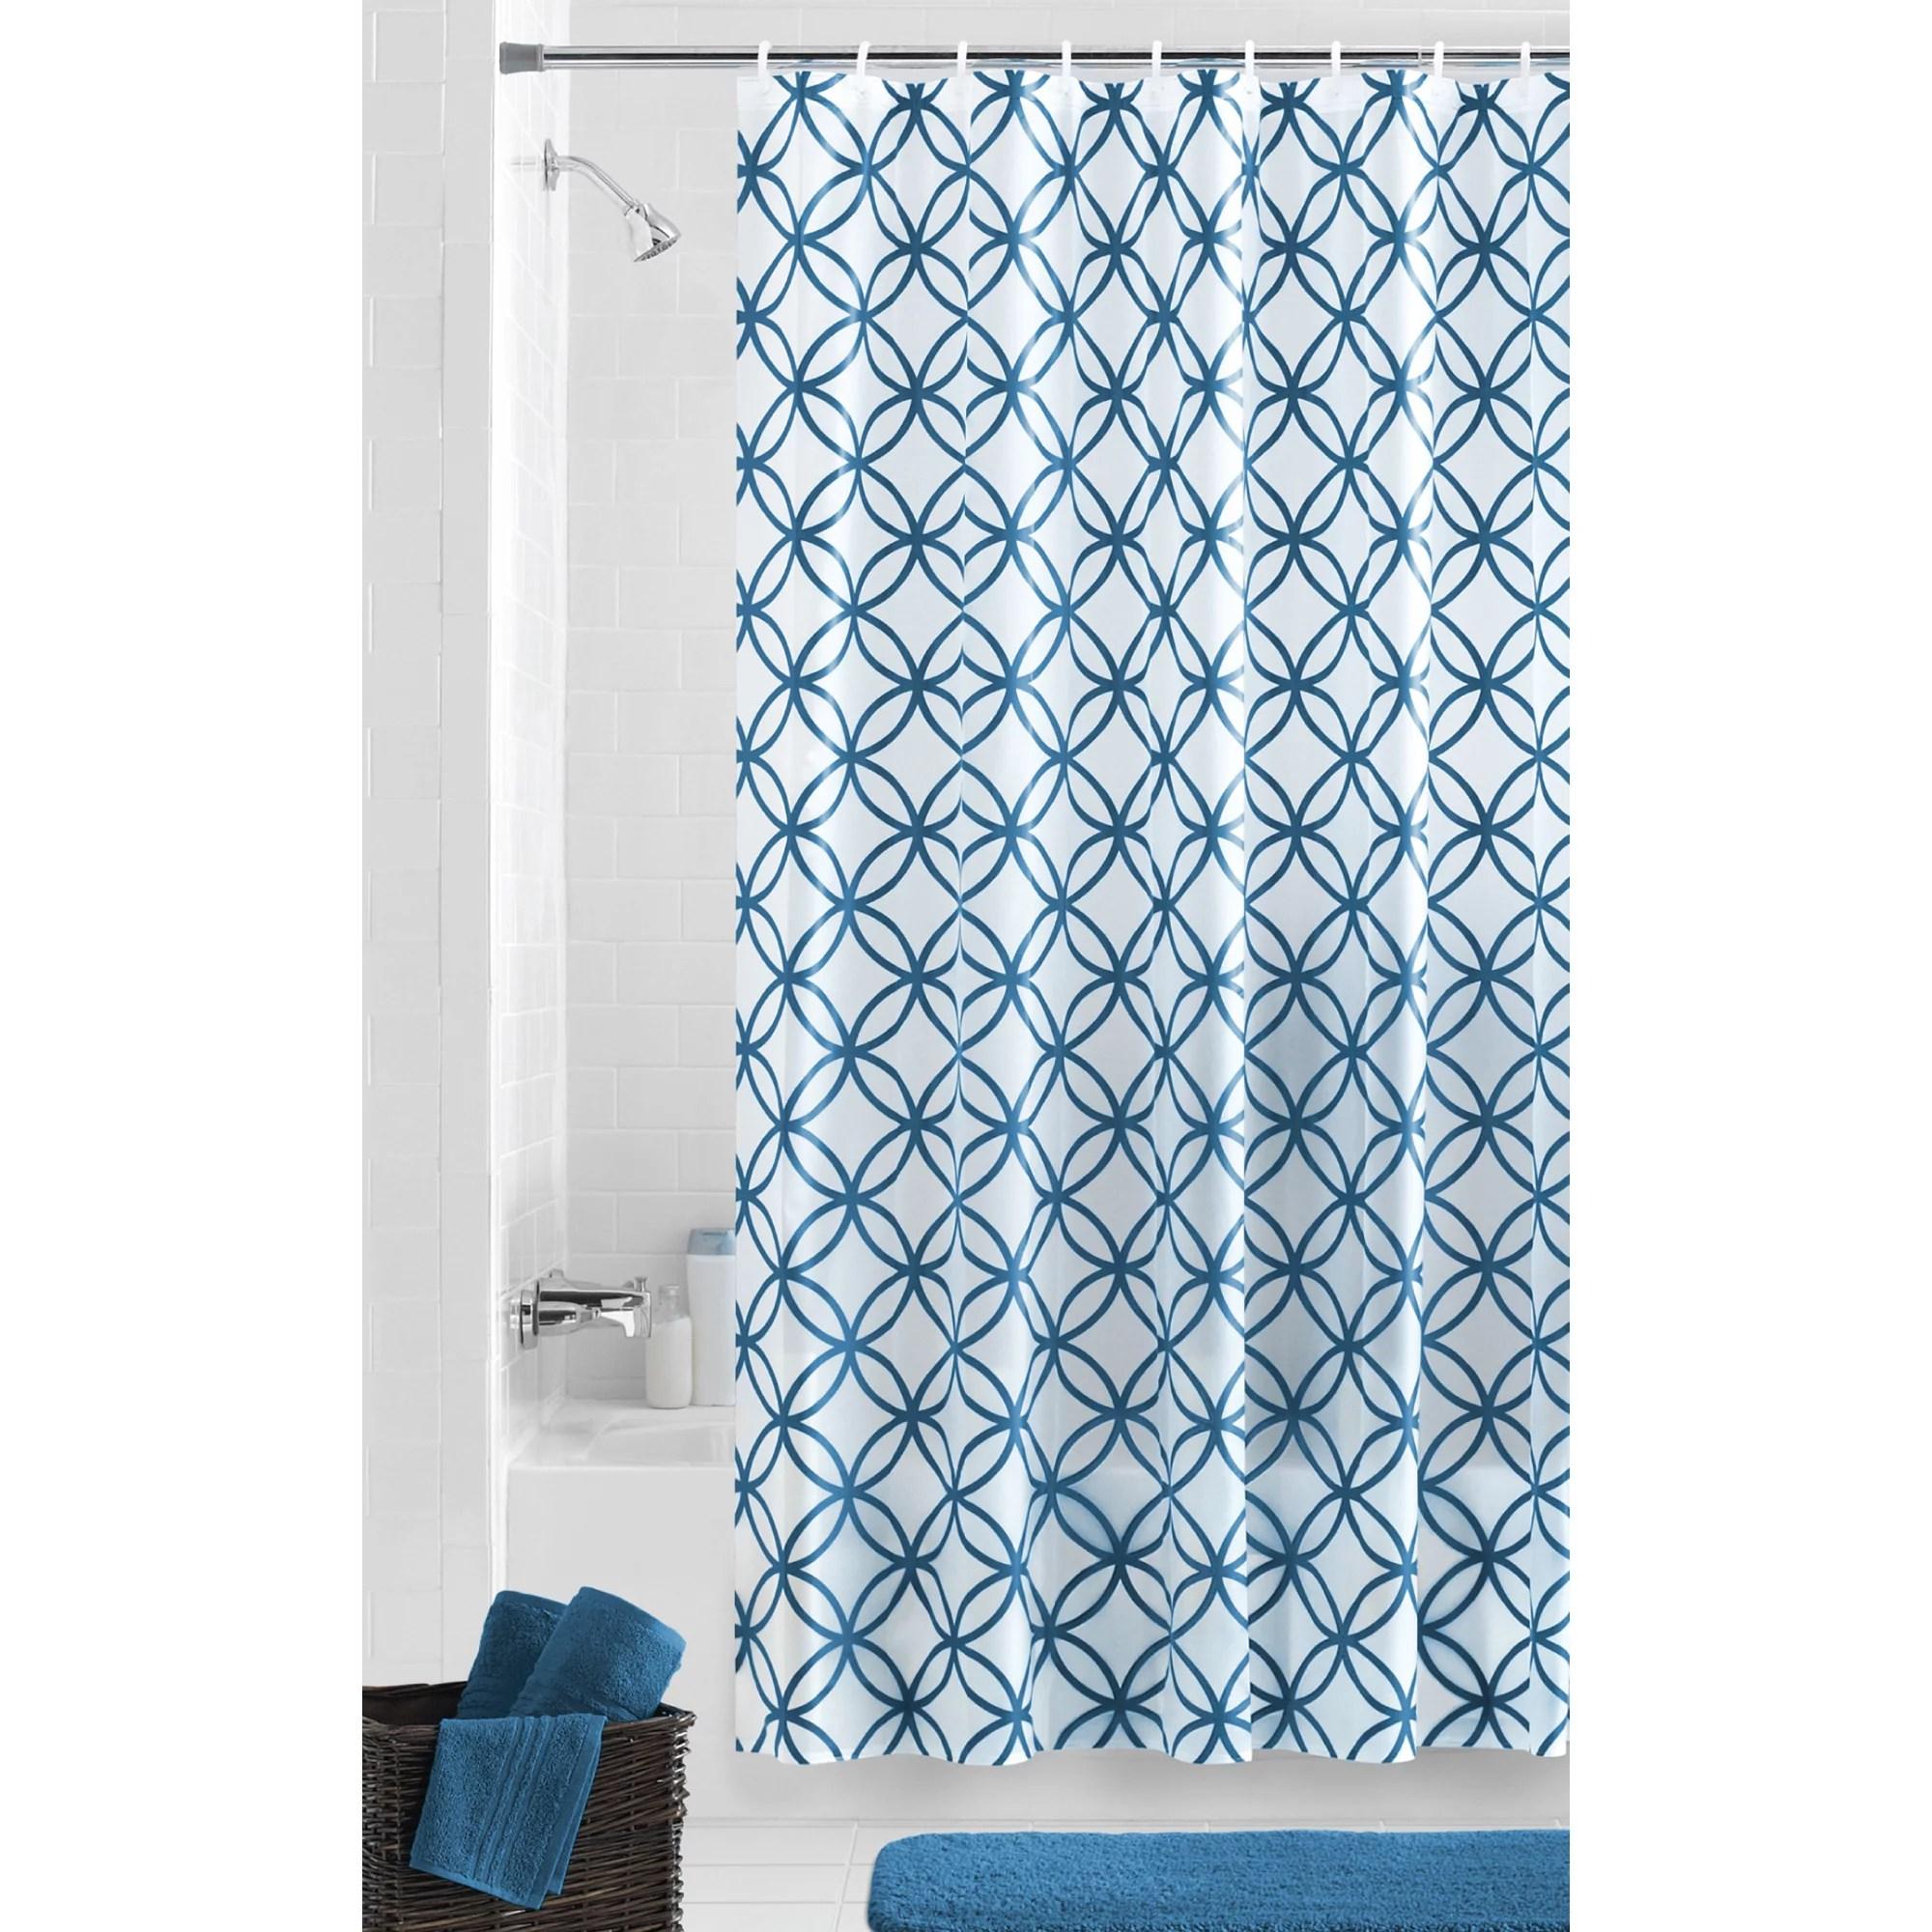 mainstays waterproof hadley peva shower curtain patterned teal 70 x 72